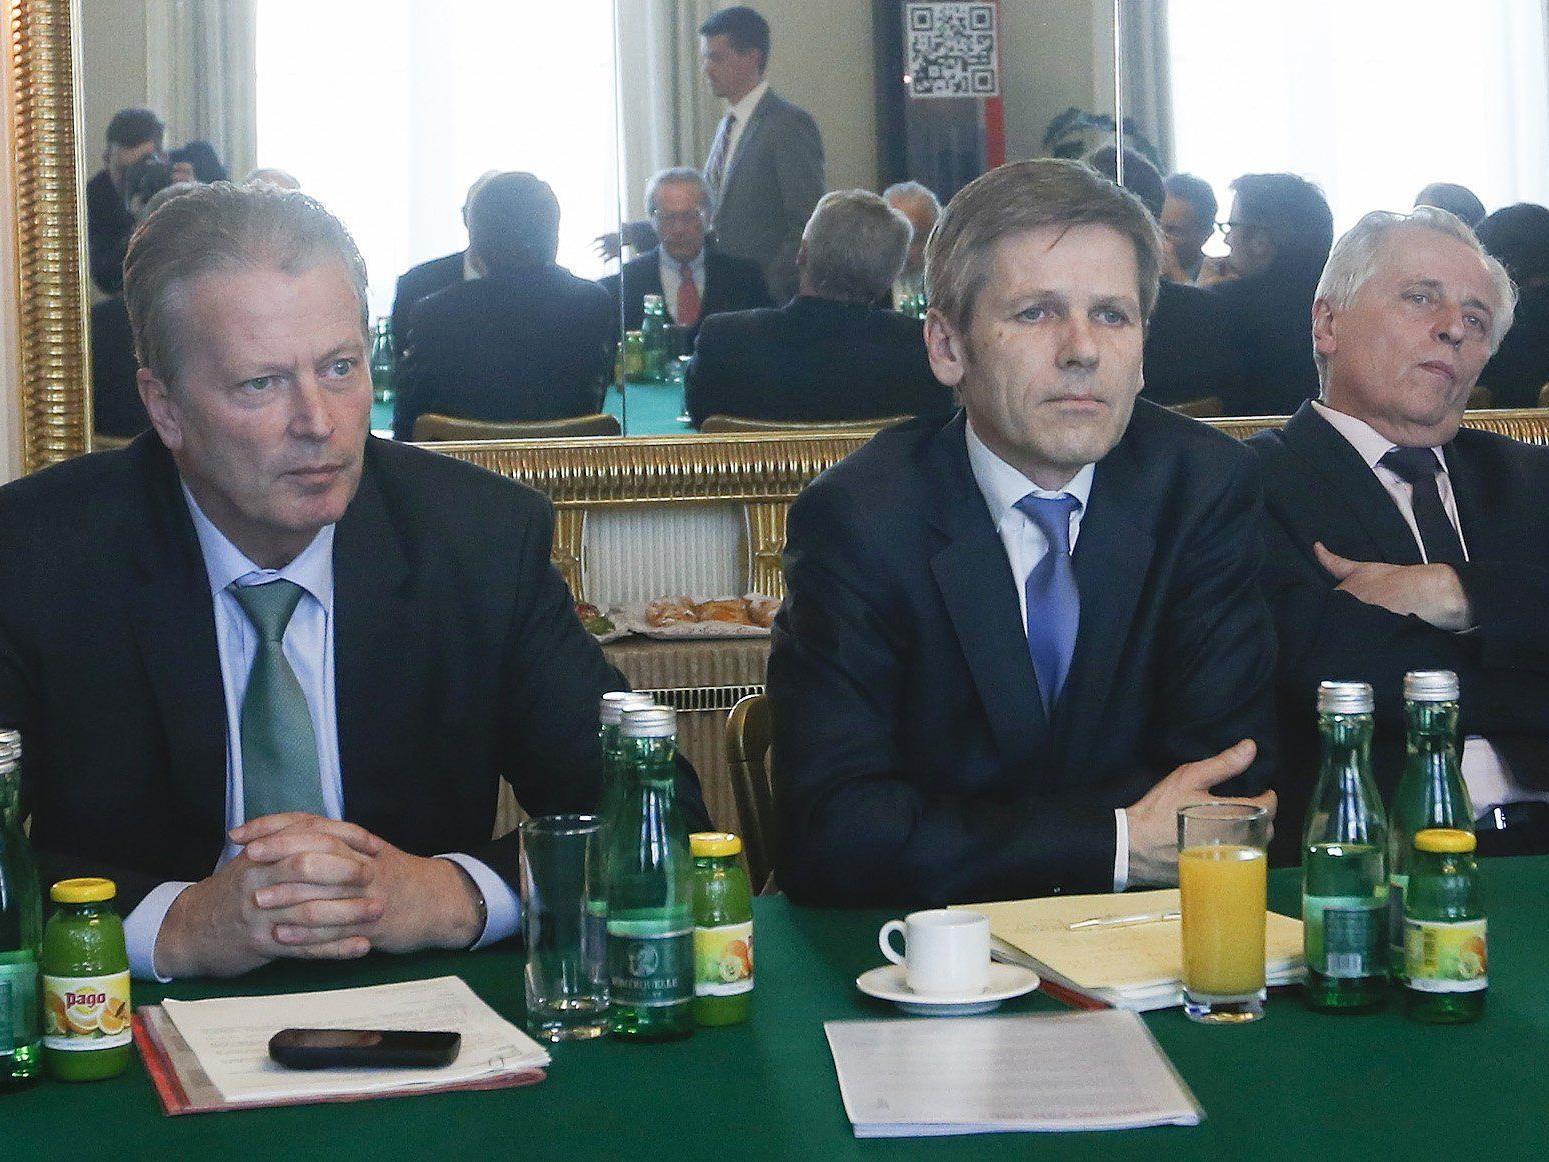 Die Bundesminister (v.l.n.r.) Mitterlehner, Ostermayer und Hundstorfer Beginn des Runden Tisches.